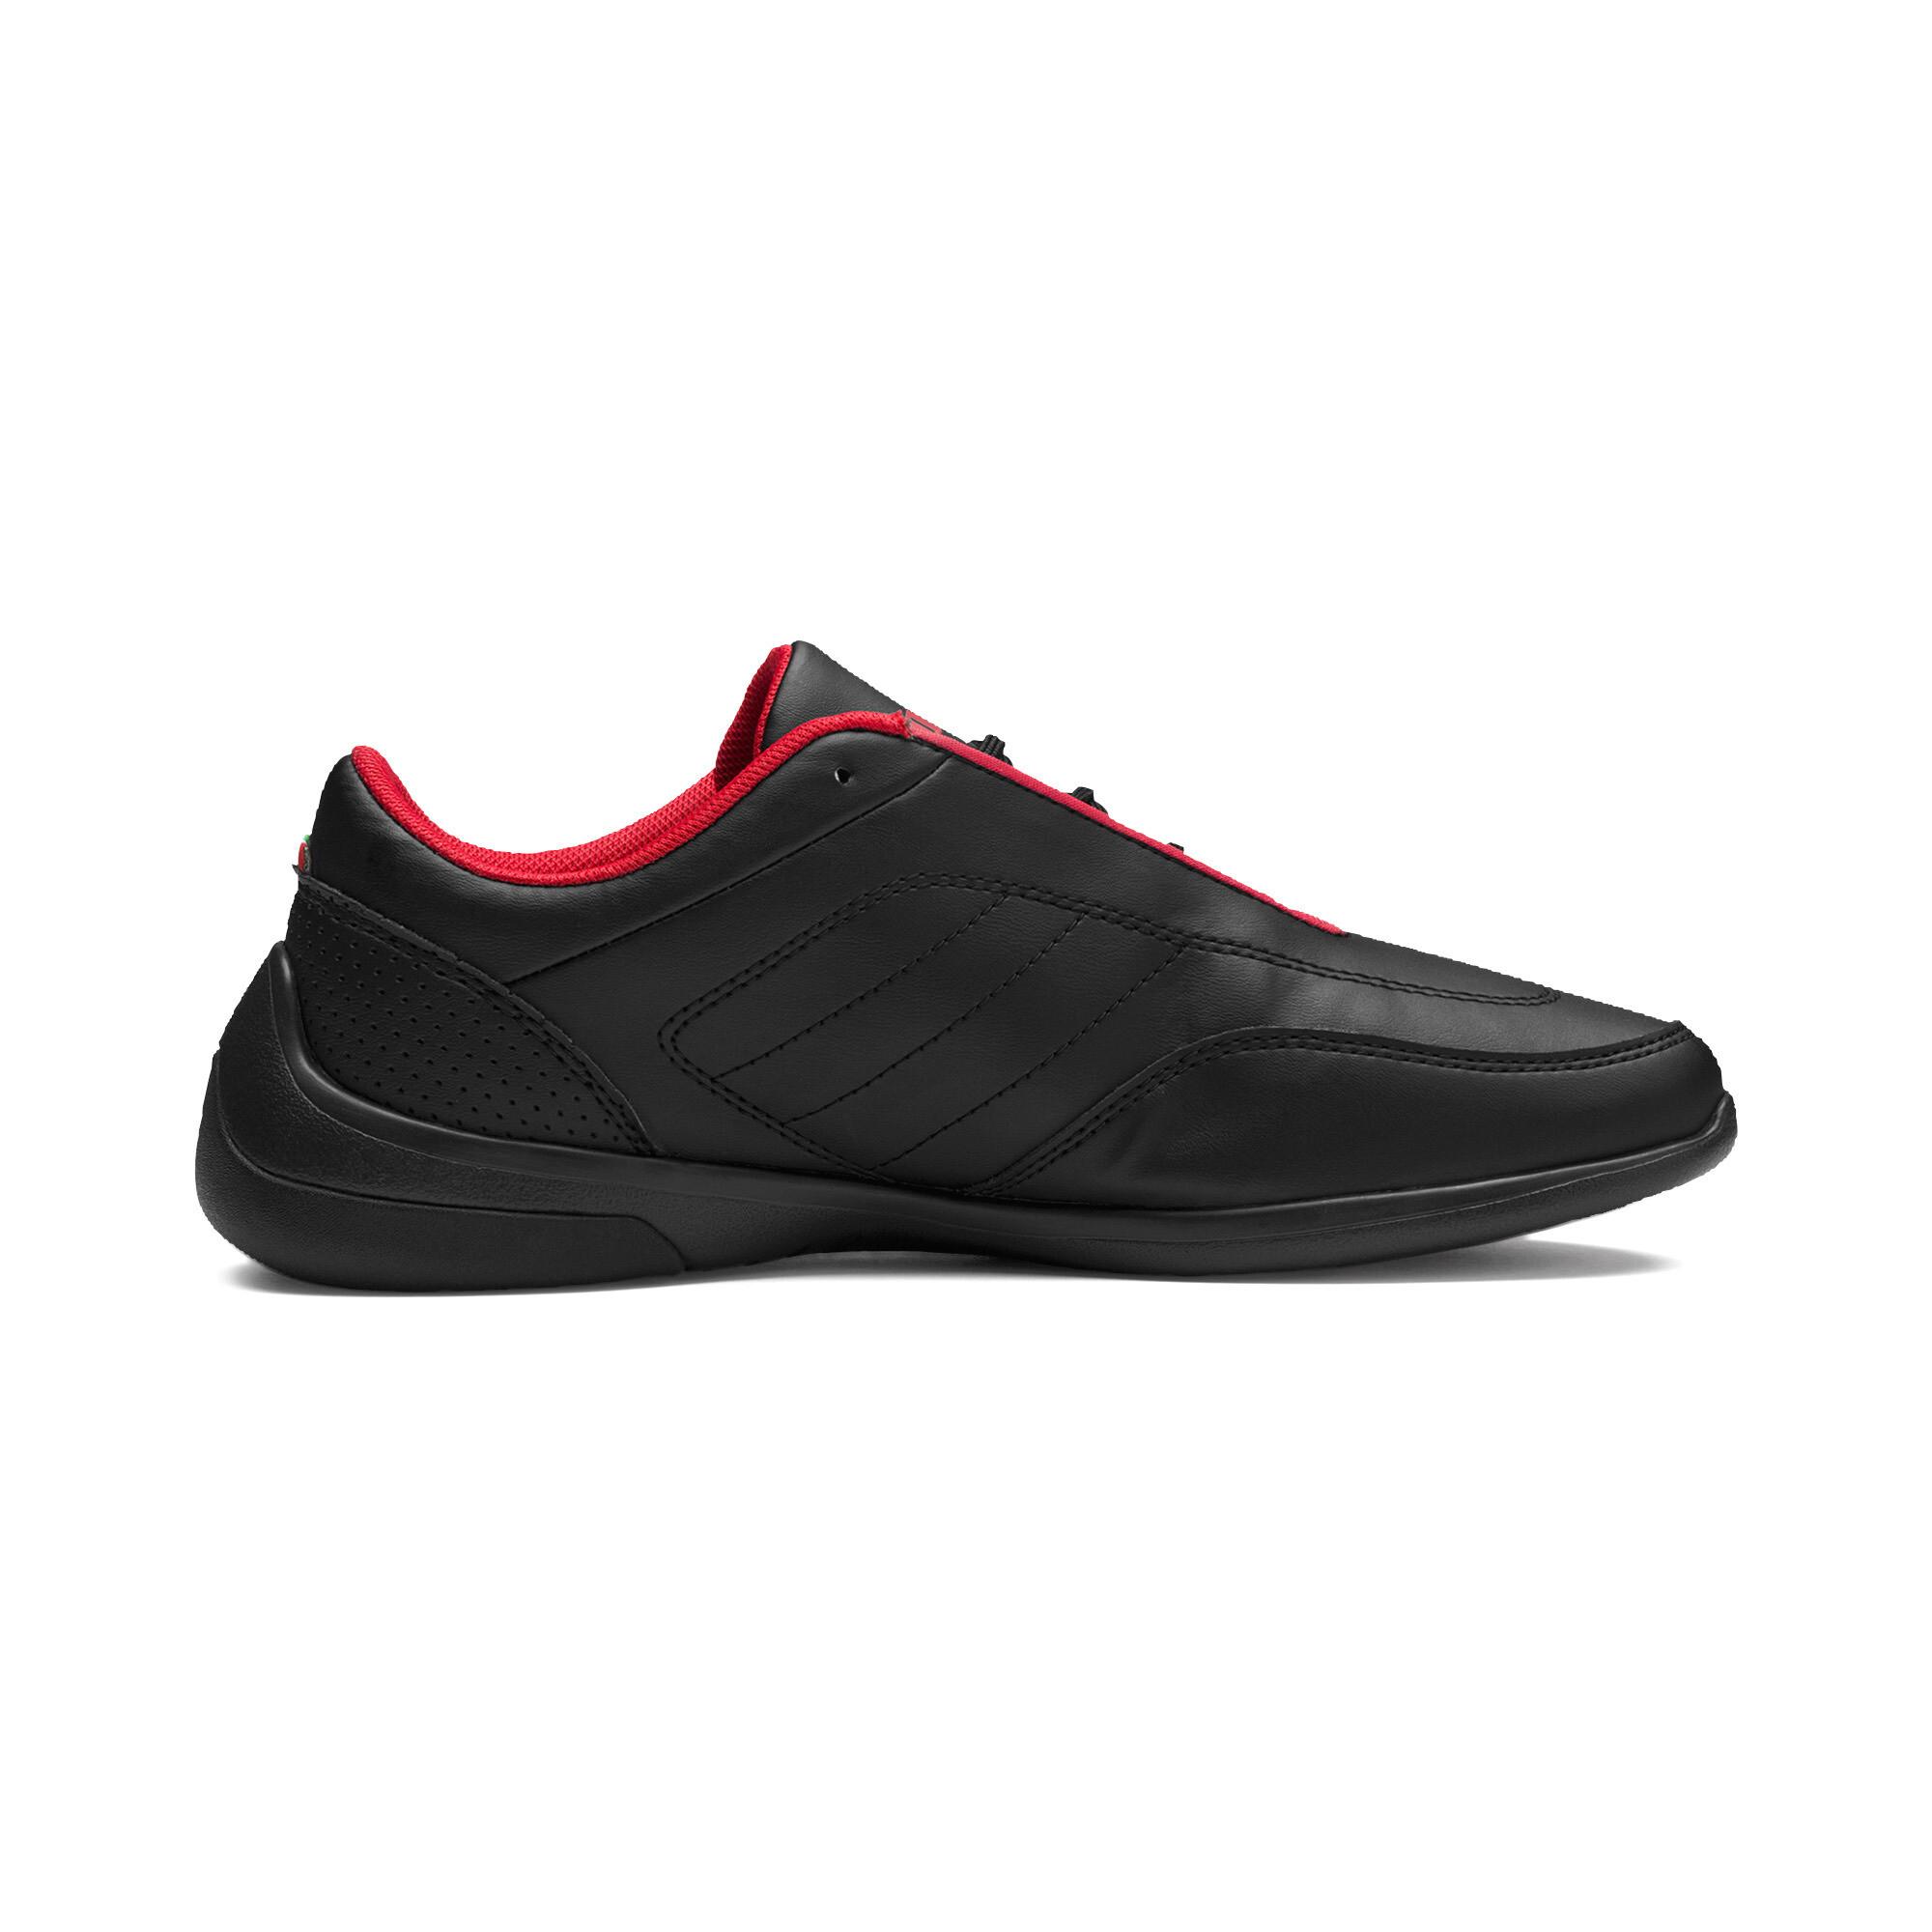 PUMA-Scuderia-Ferrari-Kart-Cat-III-Shoes-Men-Shoe-Auto thumbnail 12